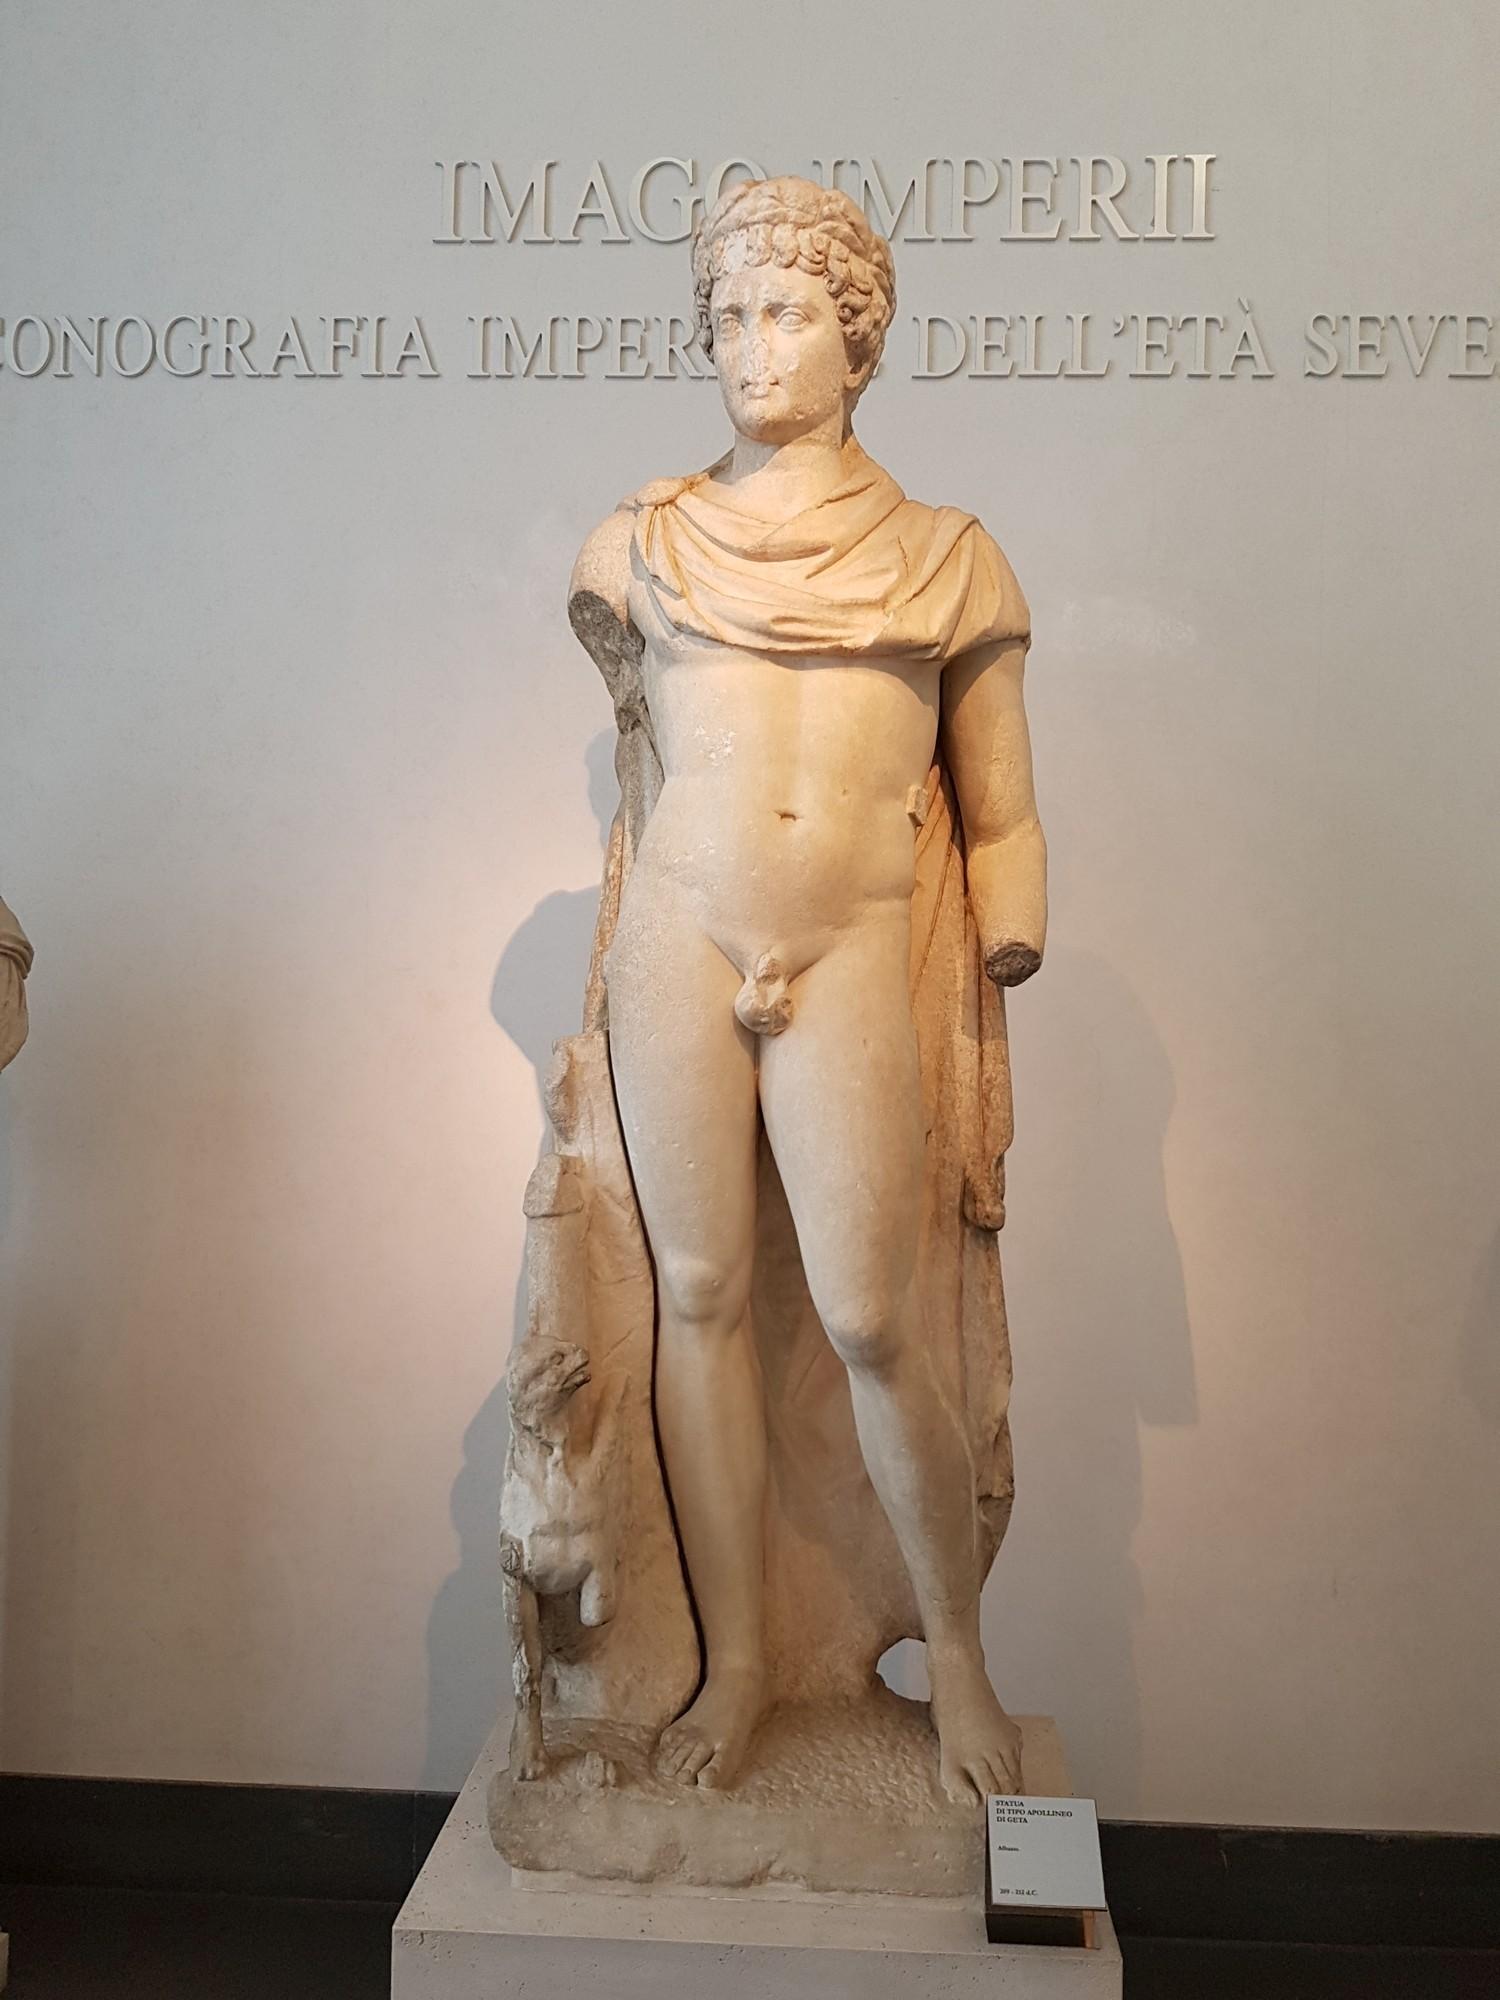 Geta jako Apollo, posąg ze zbiorów Palazzo Massimo alle Terme